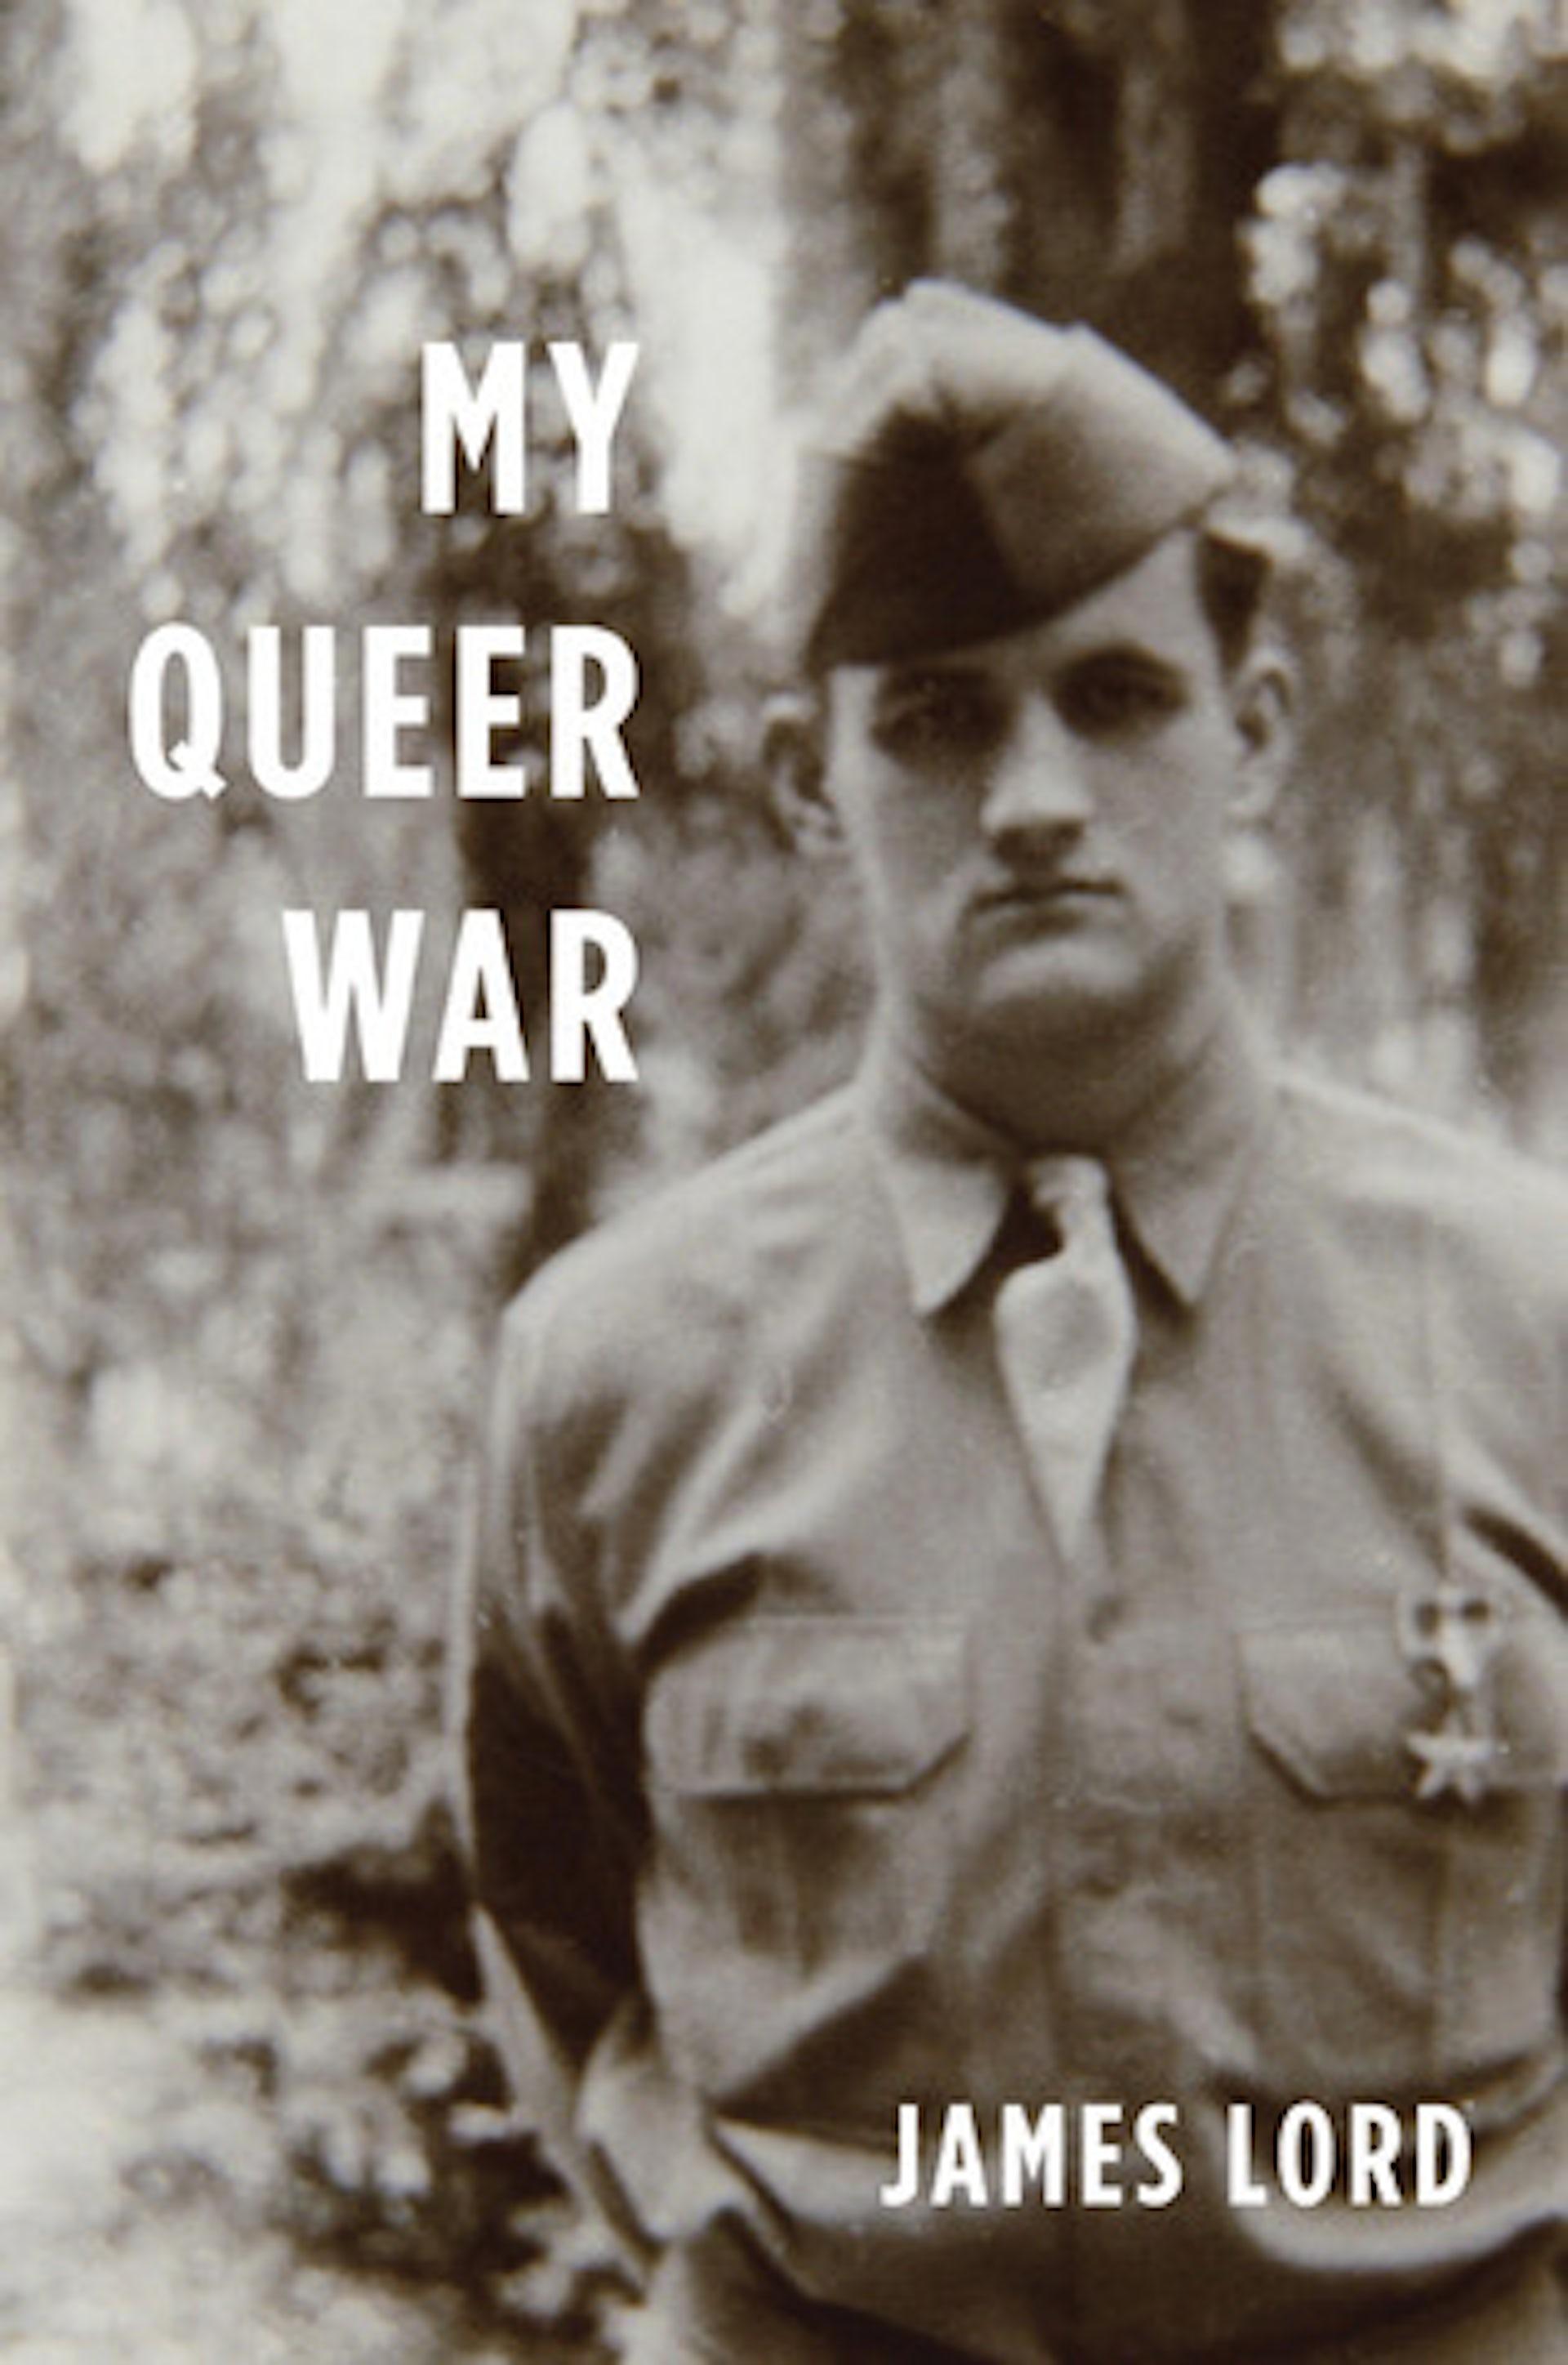 Gay sex amoung men in war time